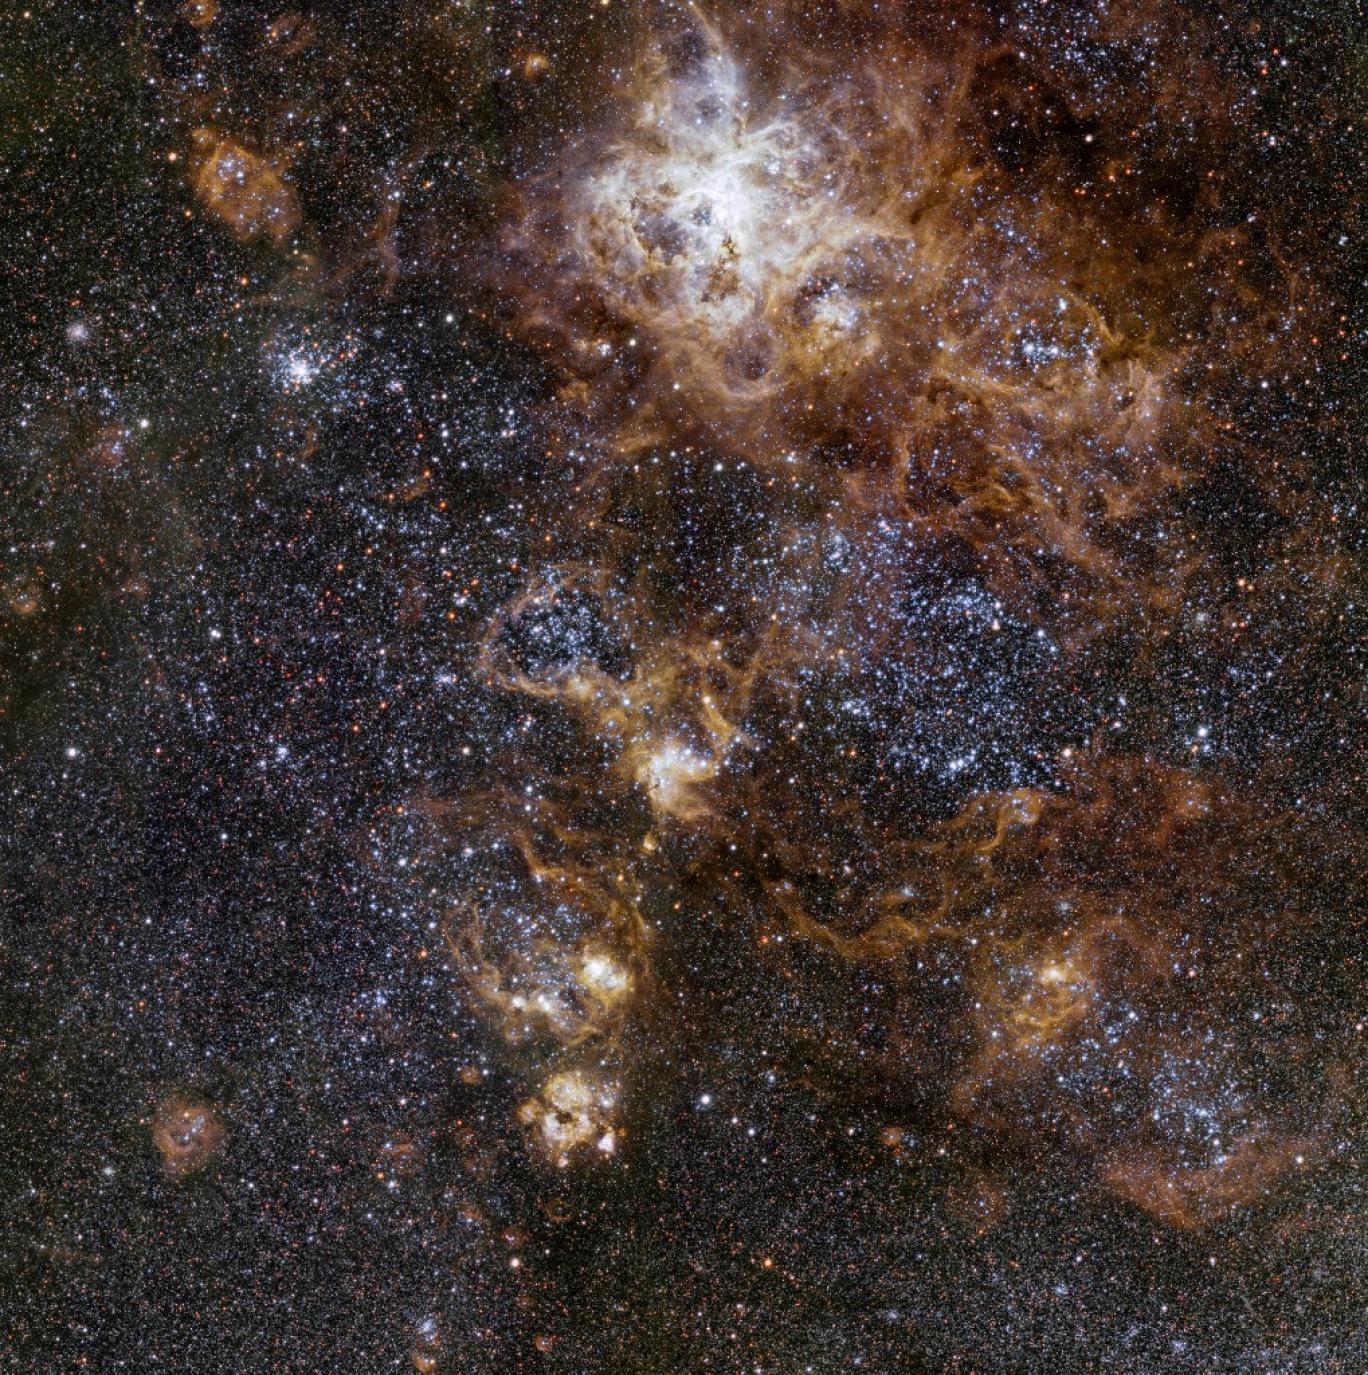 ستارهشناسان شاهد مرگ کهکشان هستند